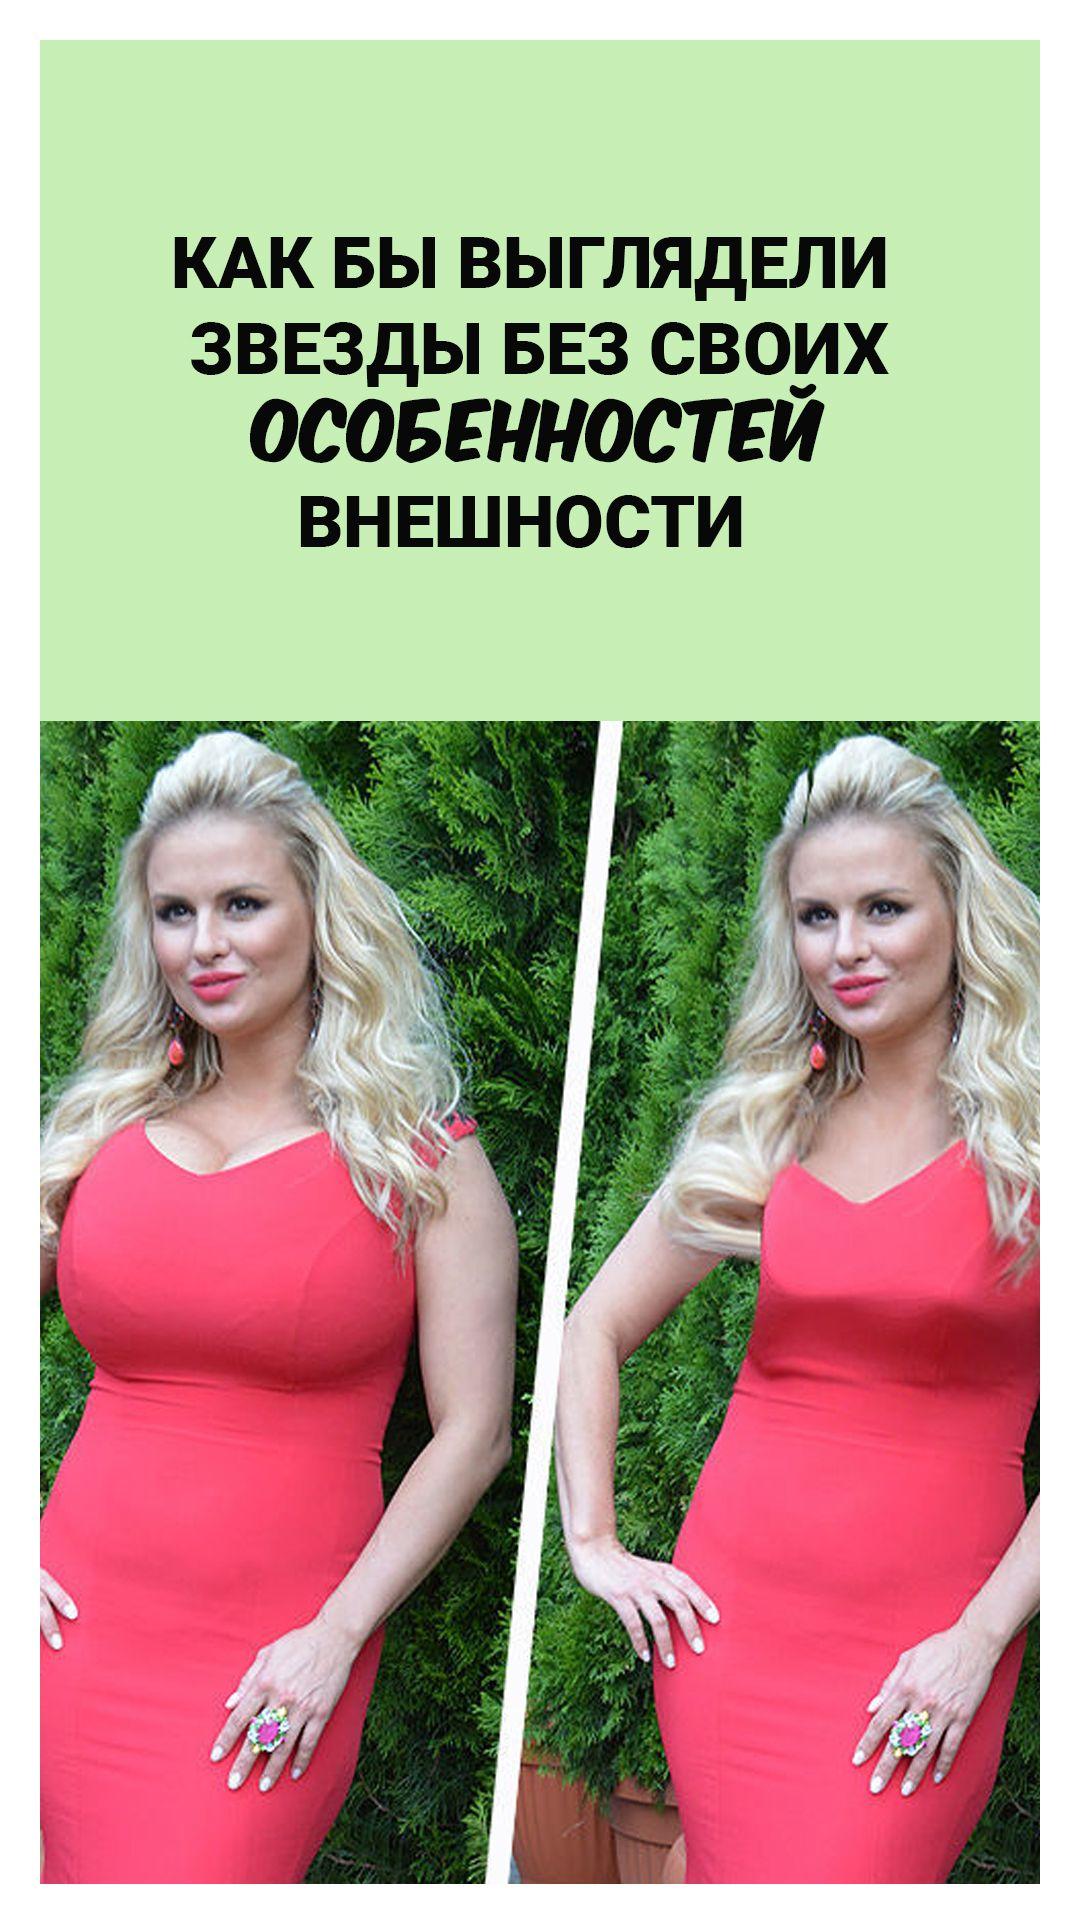 наталья давыдова до и после похудения